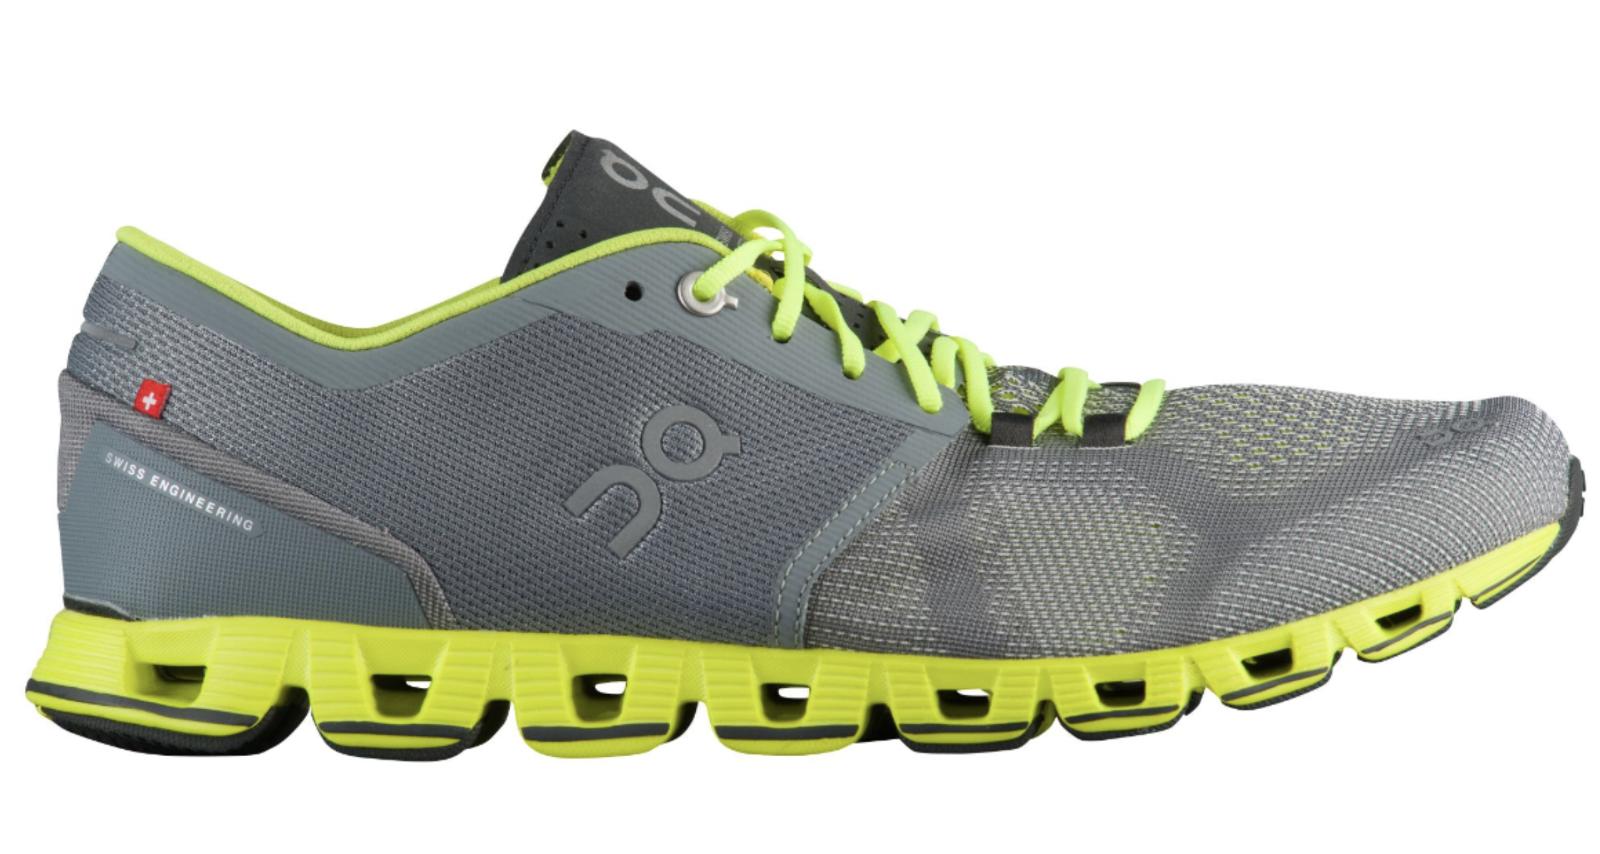 New Men's ON CLOUD X Cloudtec Running shoes Grey Neon 204300 c1